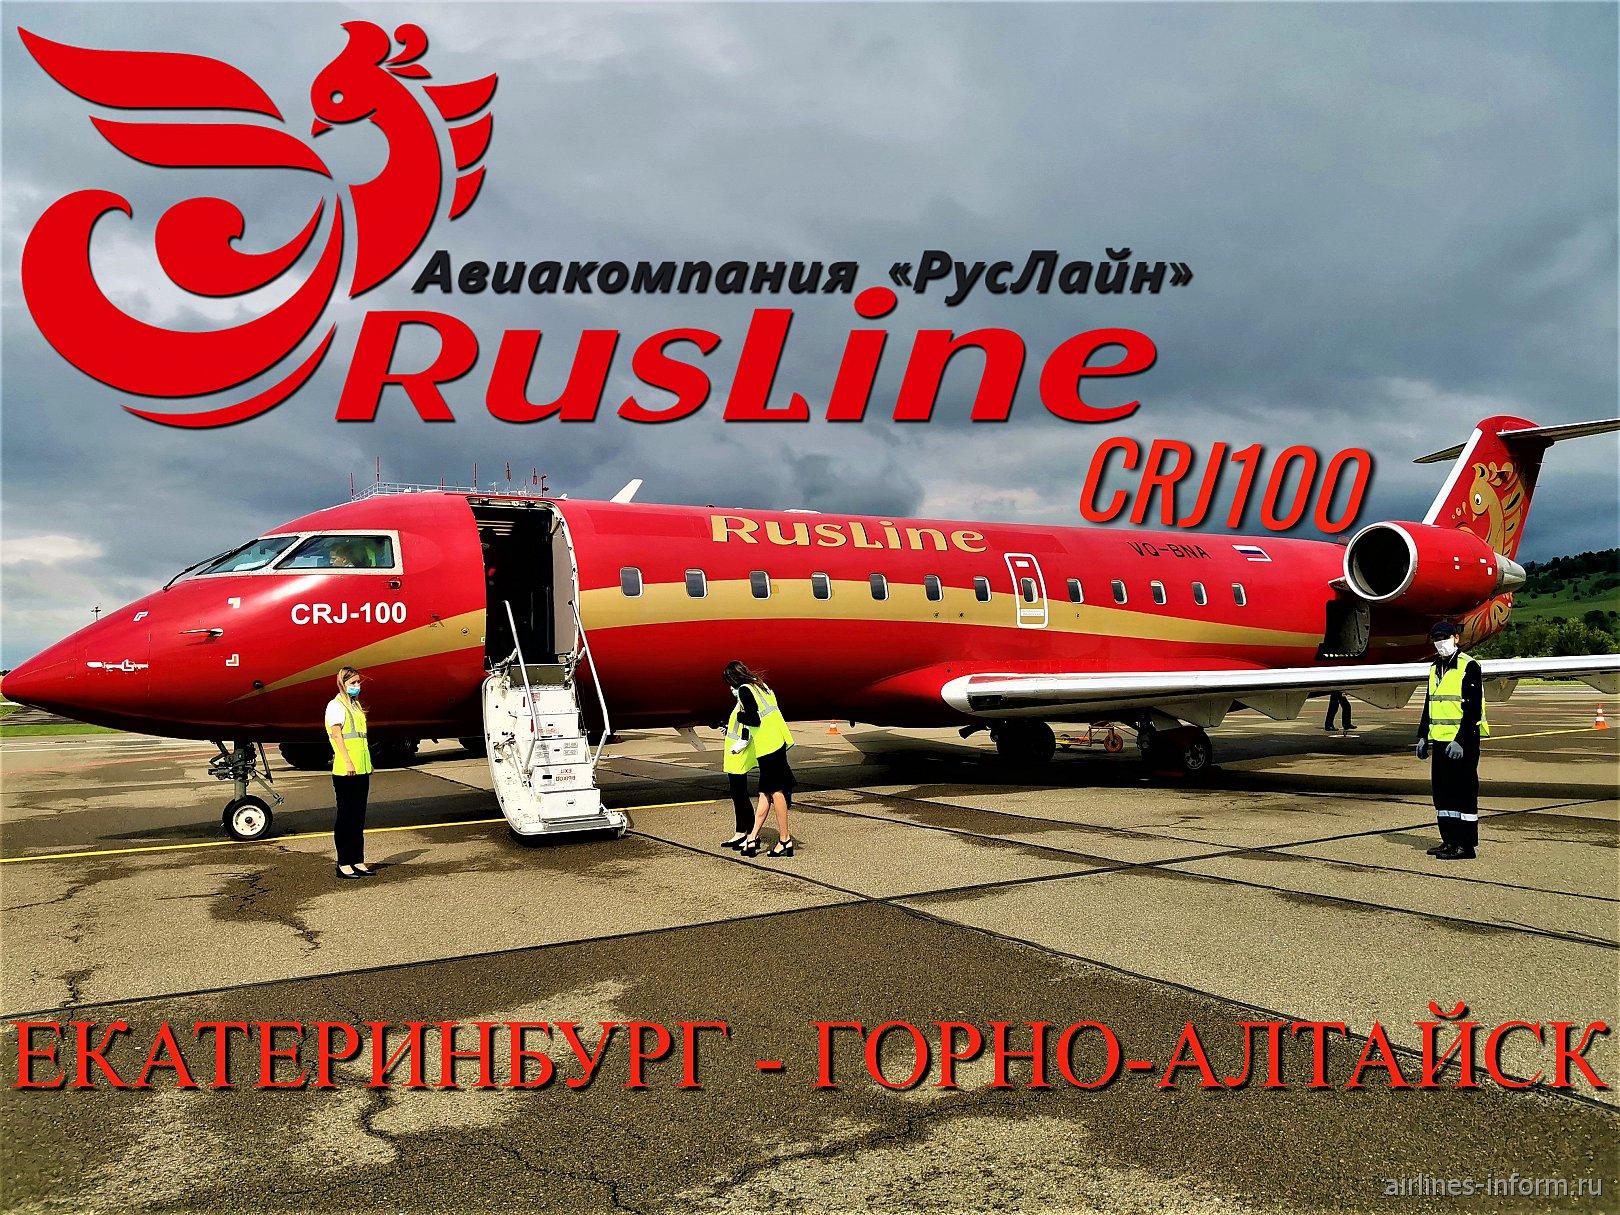 РусЛайн: Екатеринбург - Горно-Алтайск. Роспотребнадзор